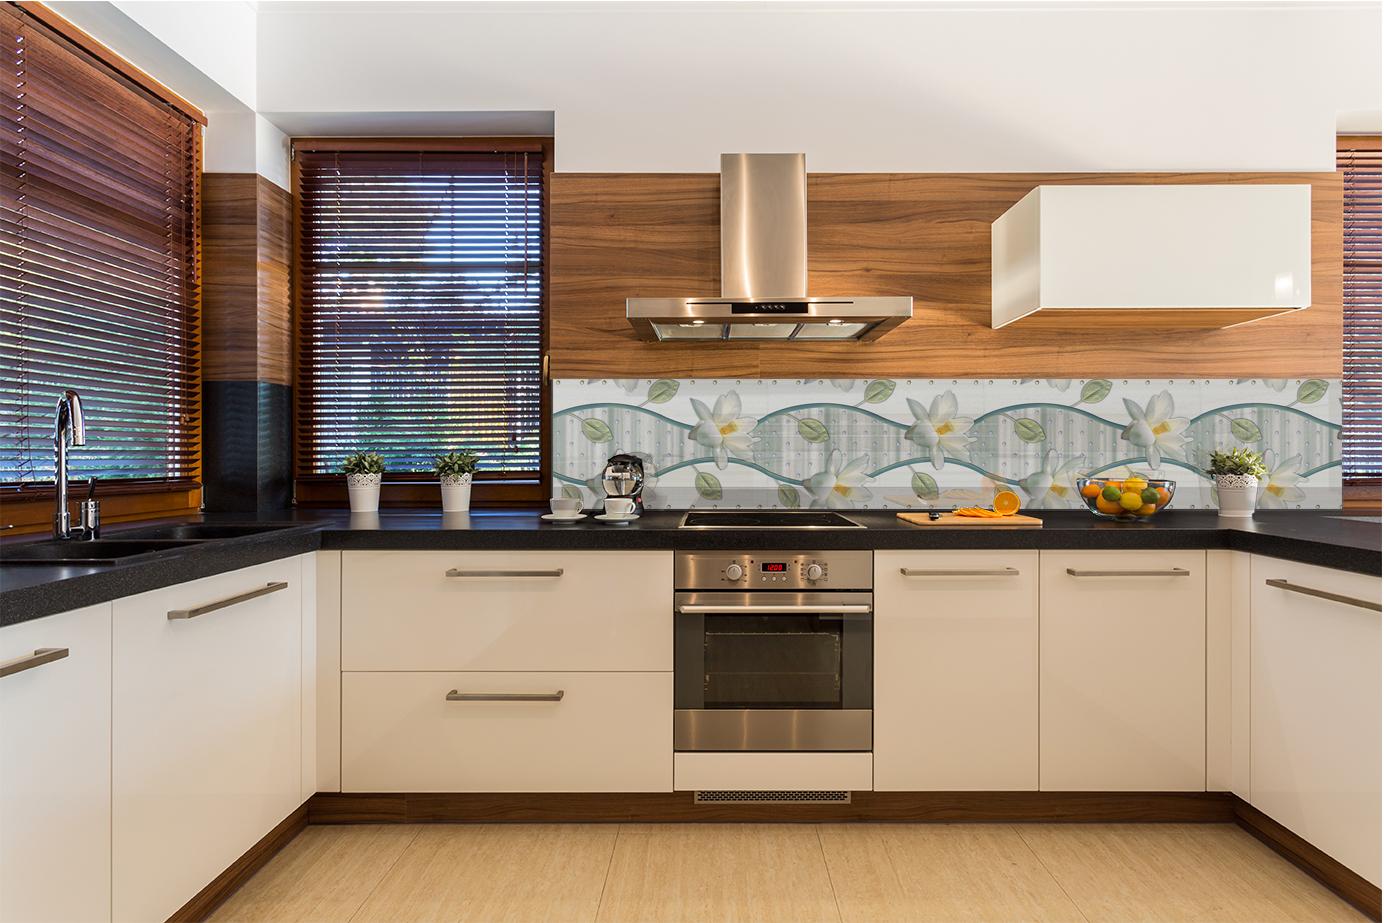 Pannello paraschizzi per rivestimento cucina astratto argento decorazioni fiori ebay - Pannello cucina rivestimento ...